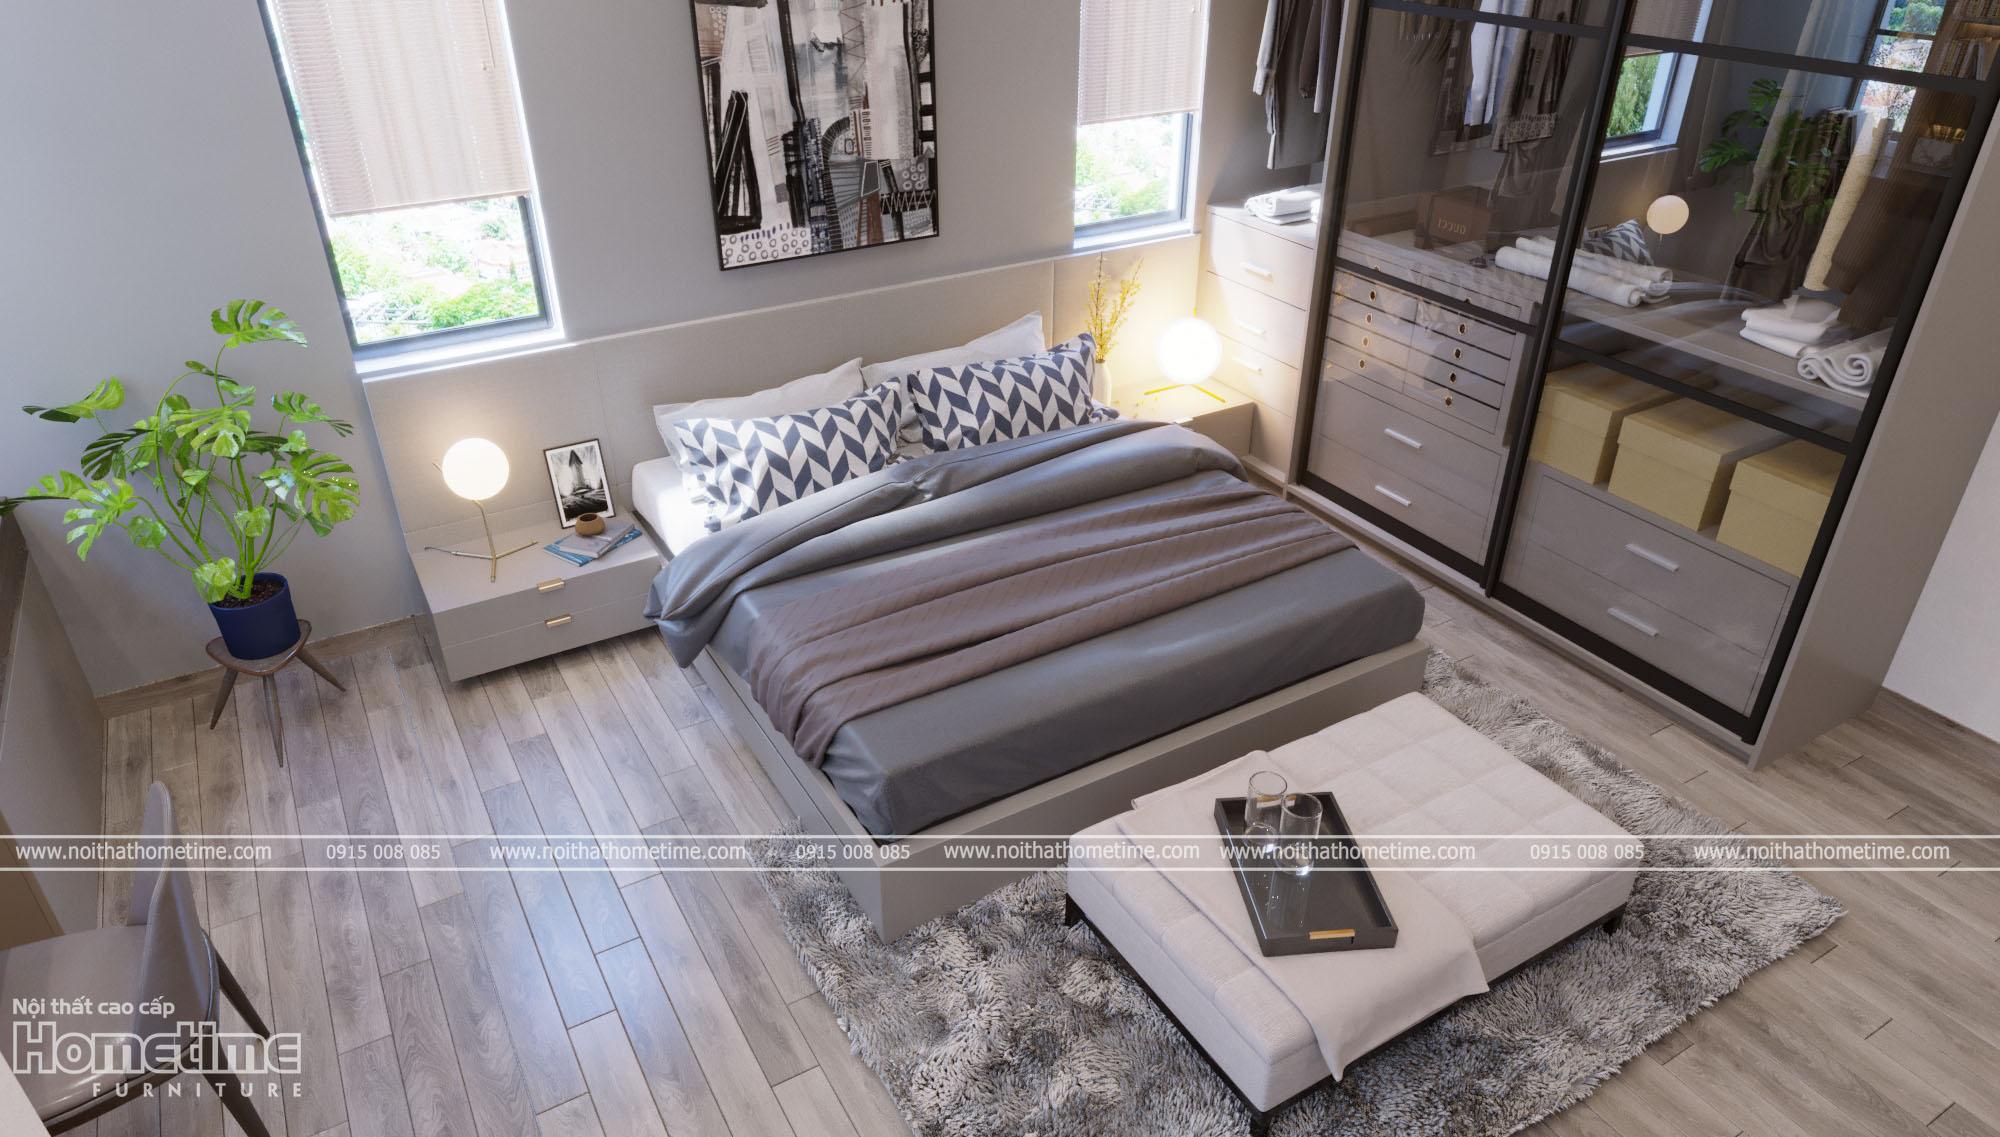 Thiết kế nội thất phòng ngủ - Bộ giường ngủ hiện đại hài hòa với sàn vân gỗ